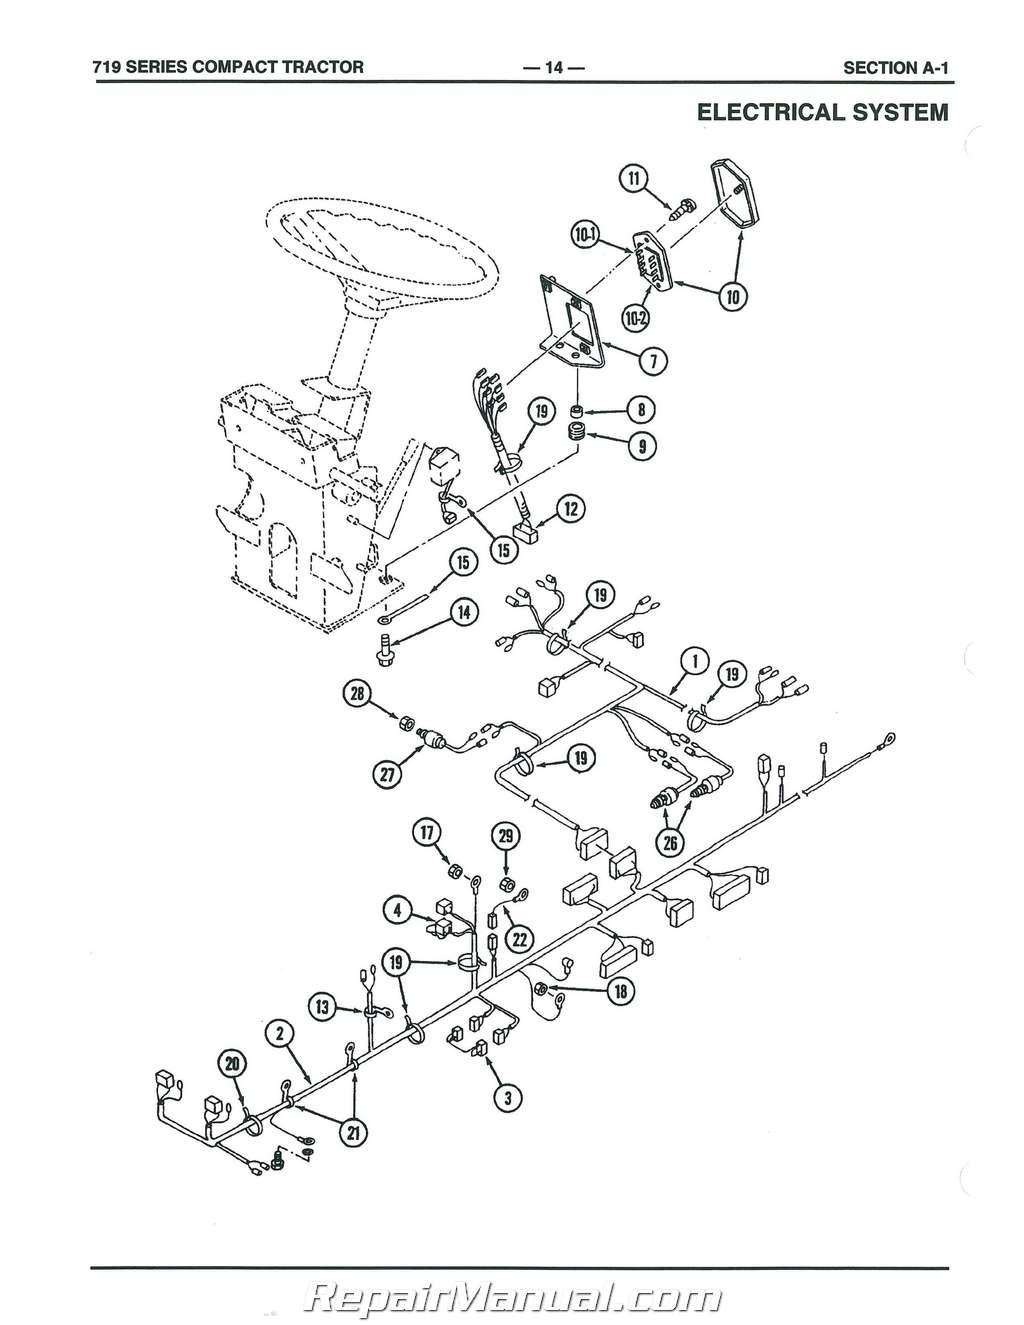 Cub Cadet Series Compact Tractor Parts Manual Form 772 Js Ih P